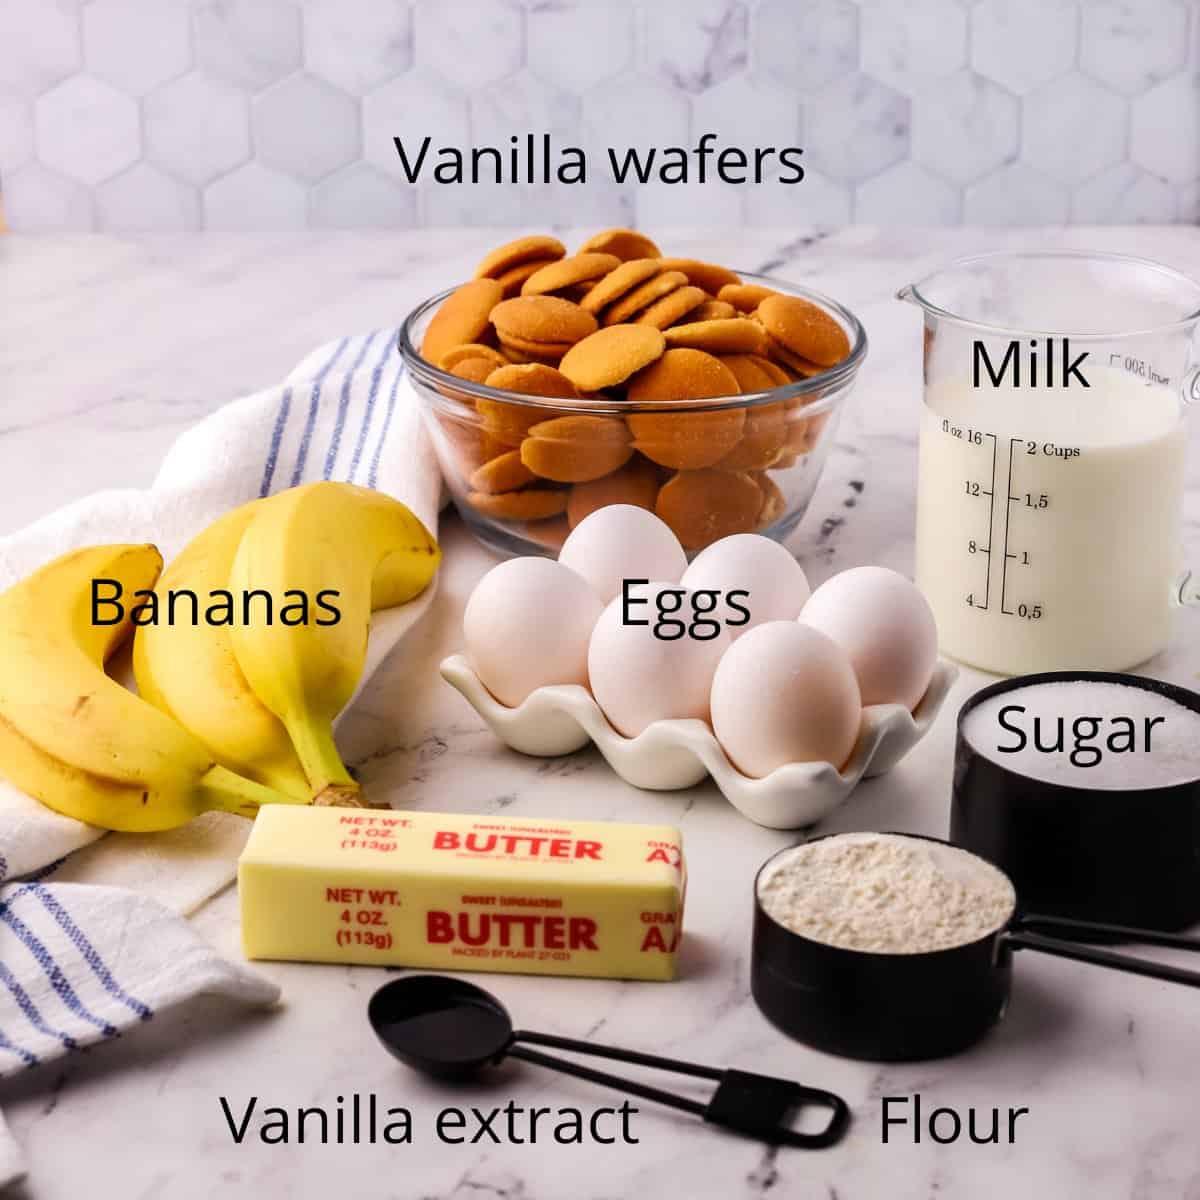 A bowl of vanilla wafers, bananas, milk and sugar.